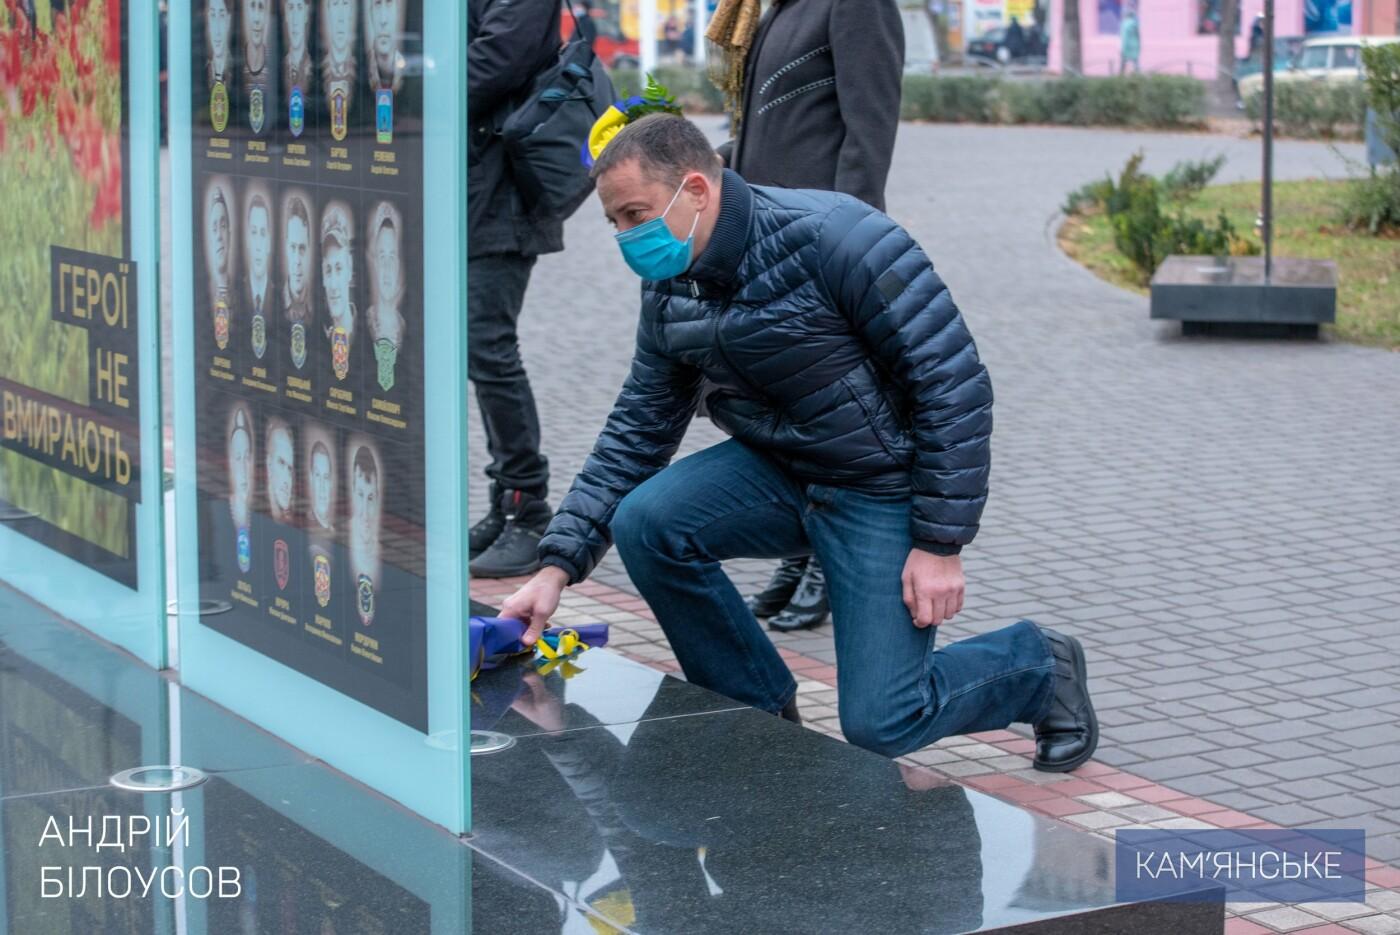 У Кам'янському відбулася церемонія покладання квітів з нагоди Дня Гідності та Свободи, фото-4